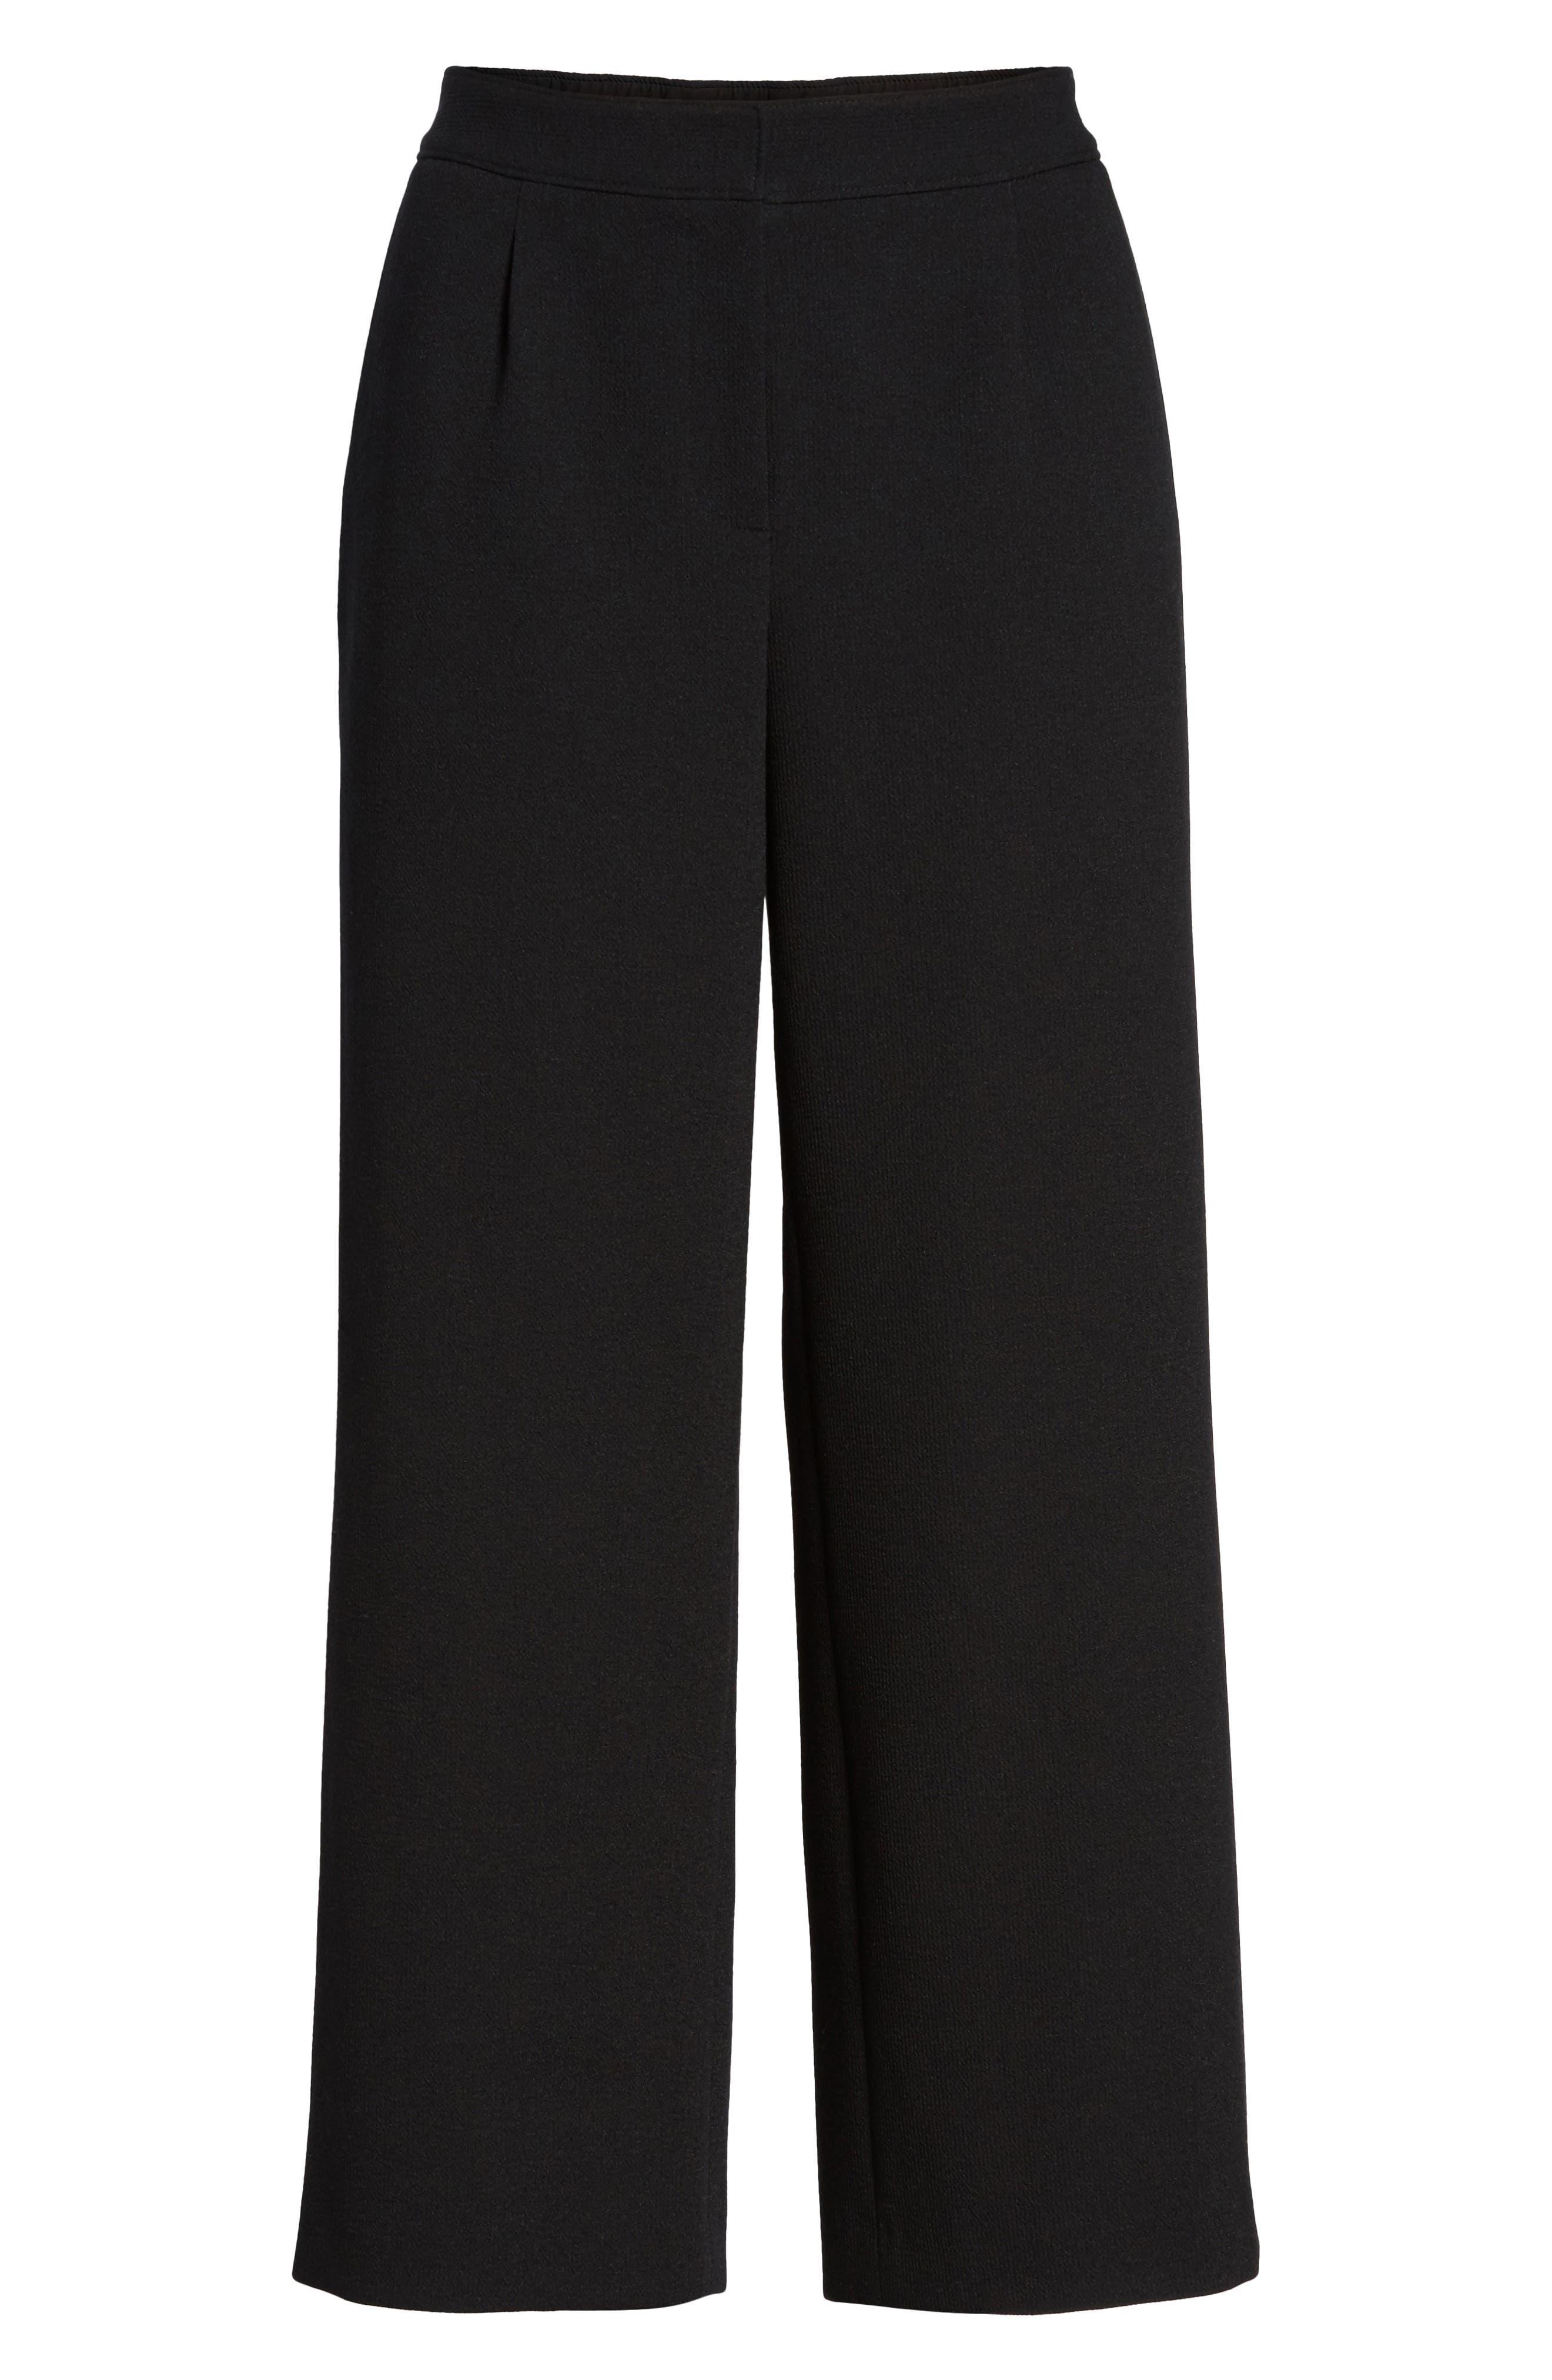 Crop Pants,                             Alternate thumbnail 6, color,                             Black